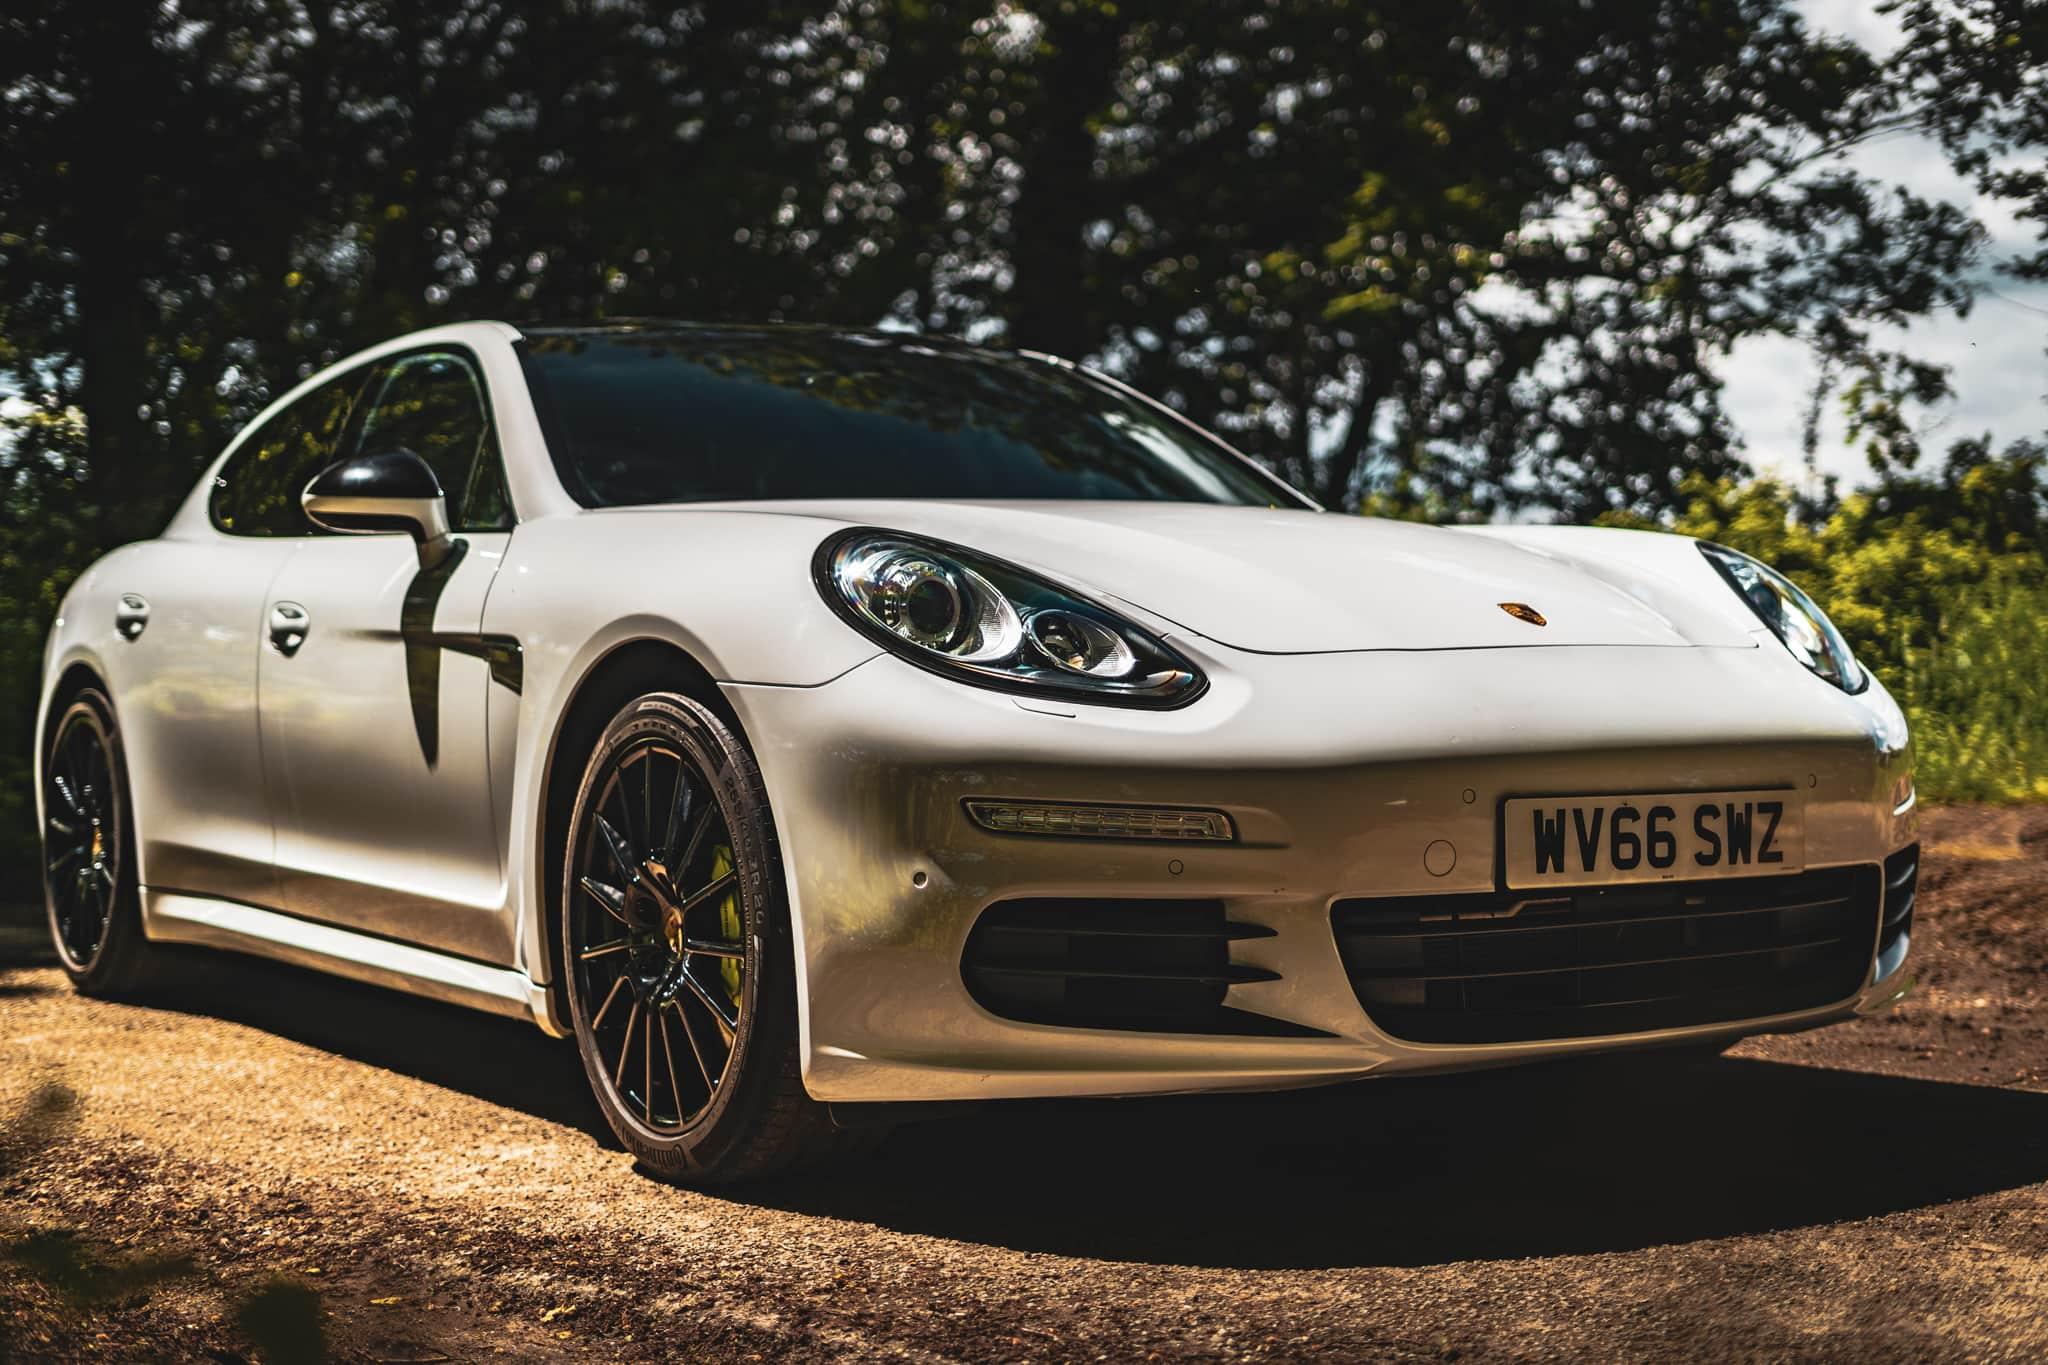 2016/66 Porsche Panamera S-E 3.0 Hybrid/Electric Auto/Tip - 7th June